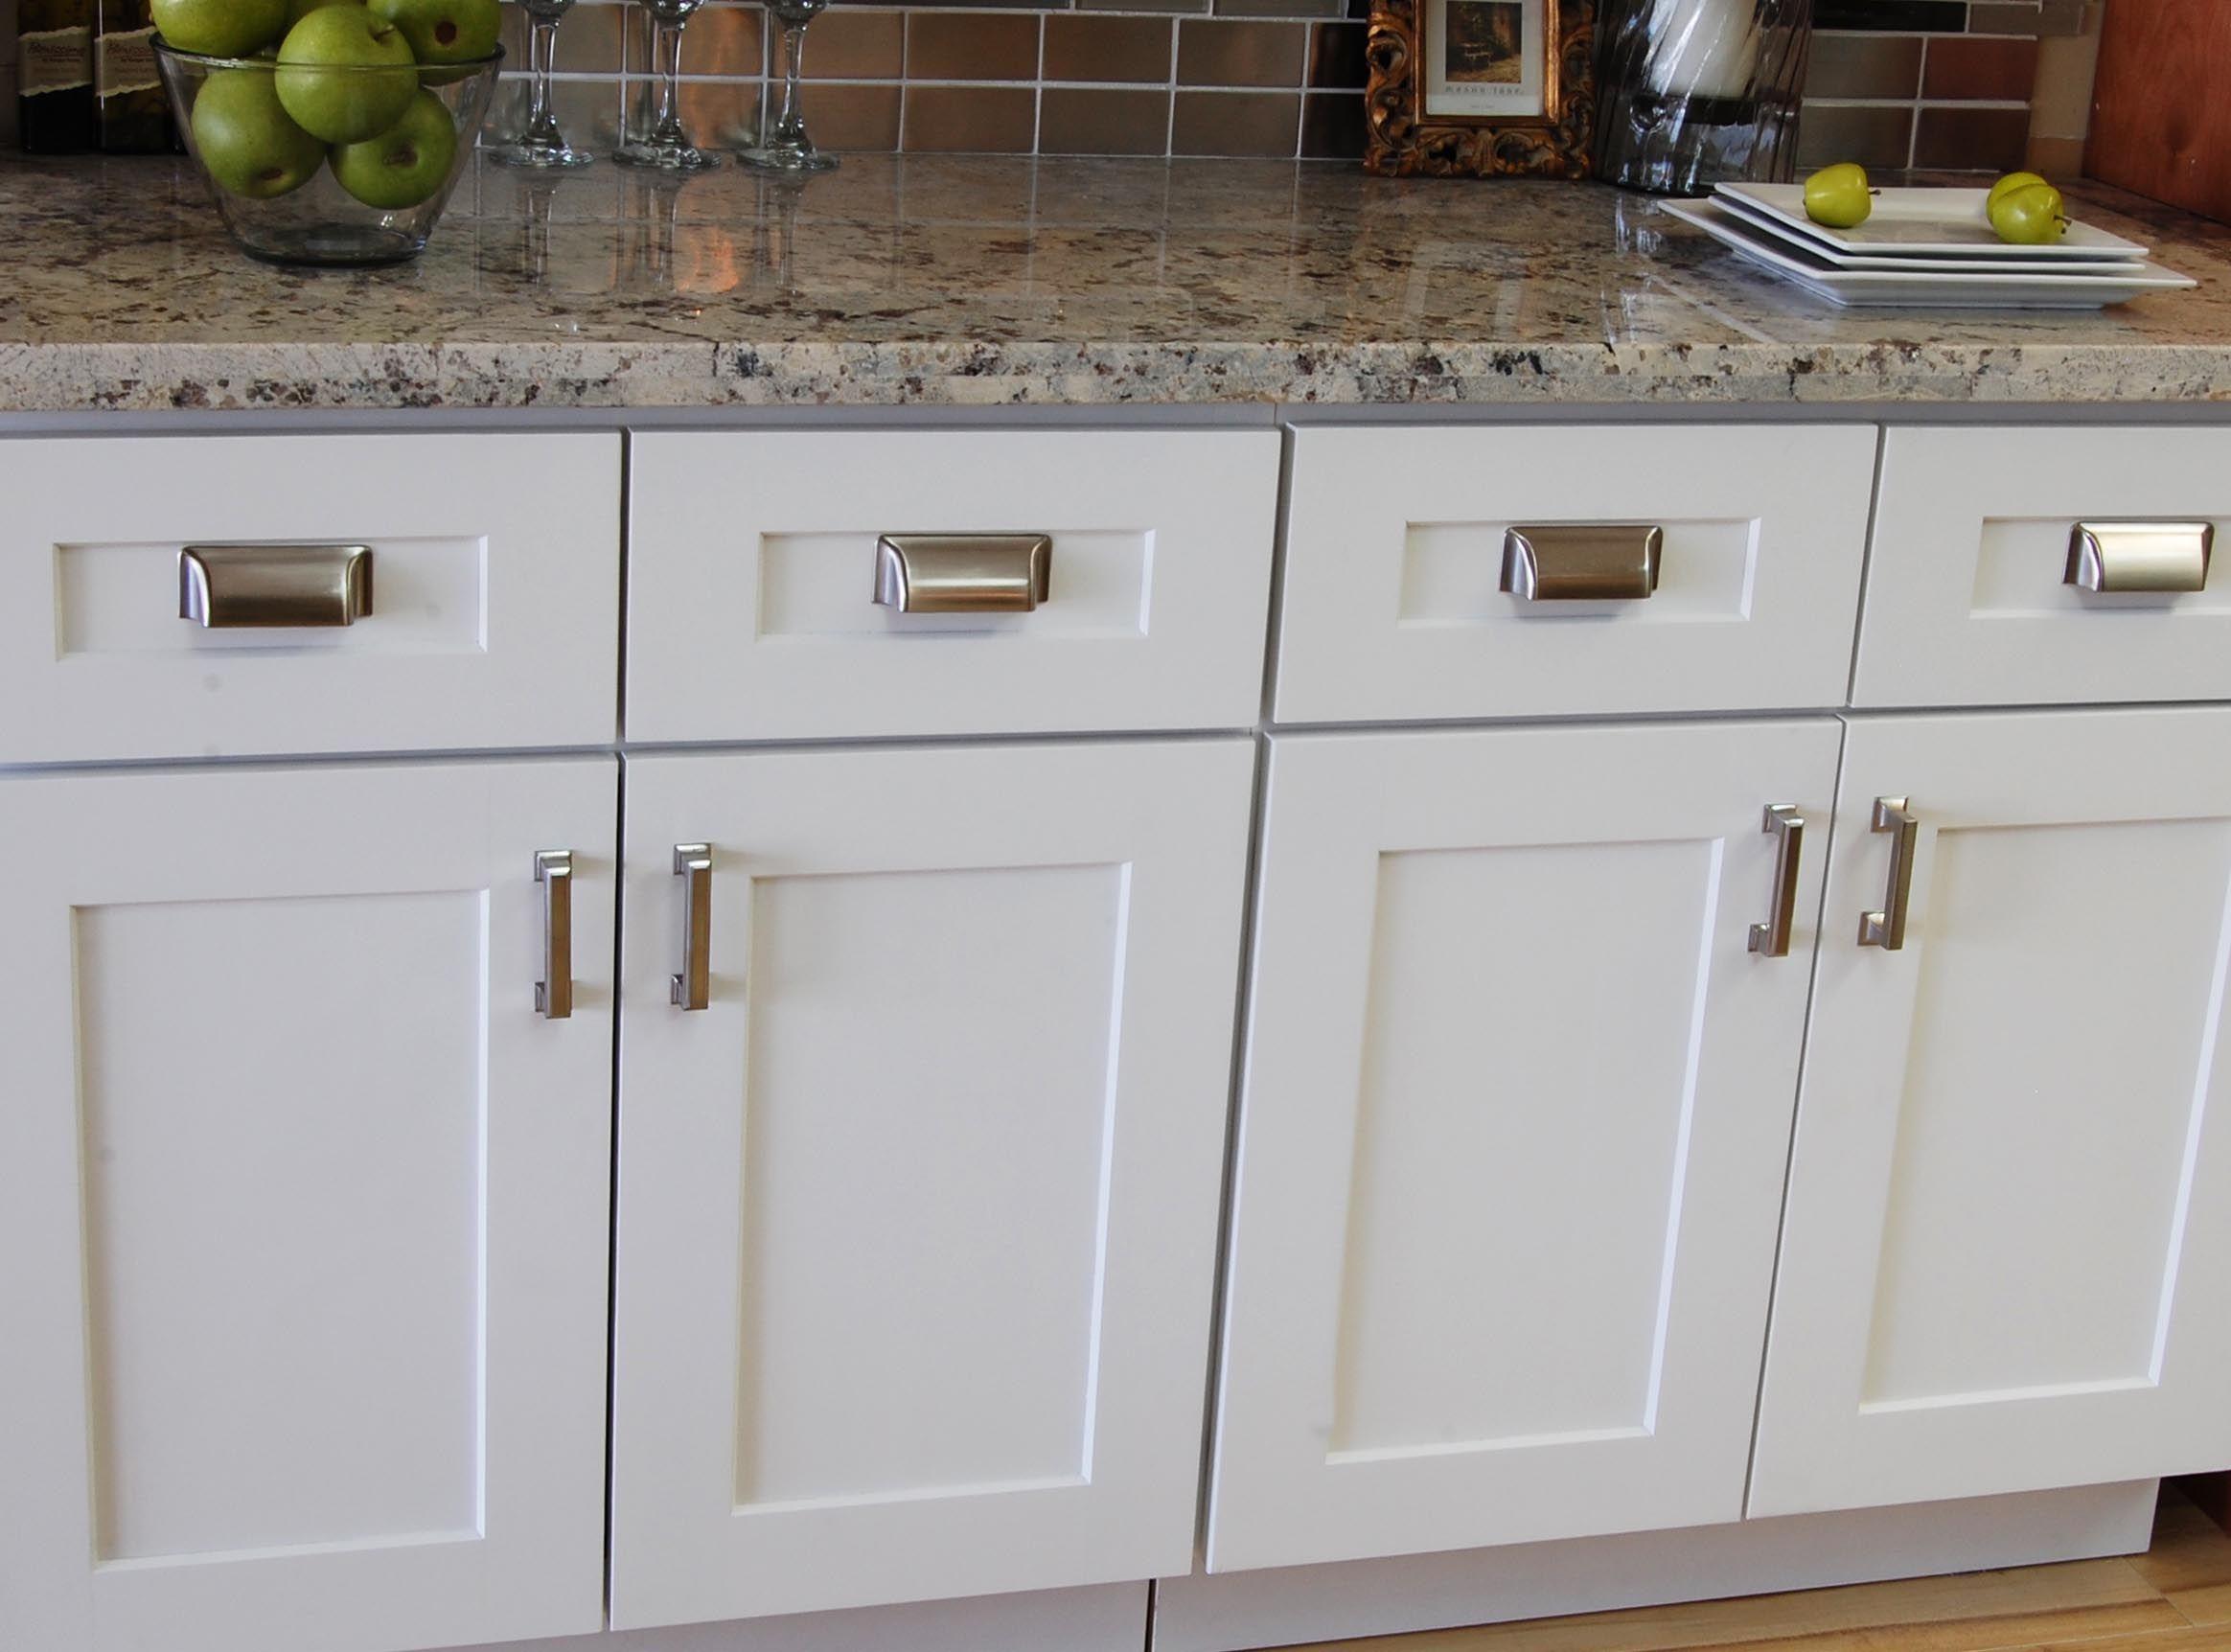 Best Shaker Cabinet Hardware | http://betdaffaires.com | Pinterest